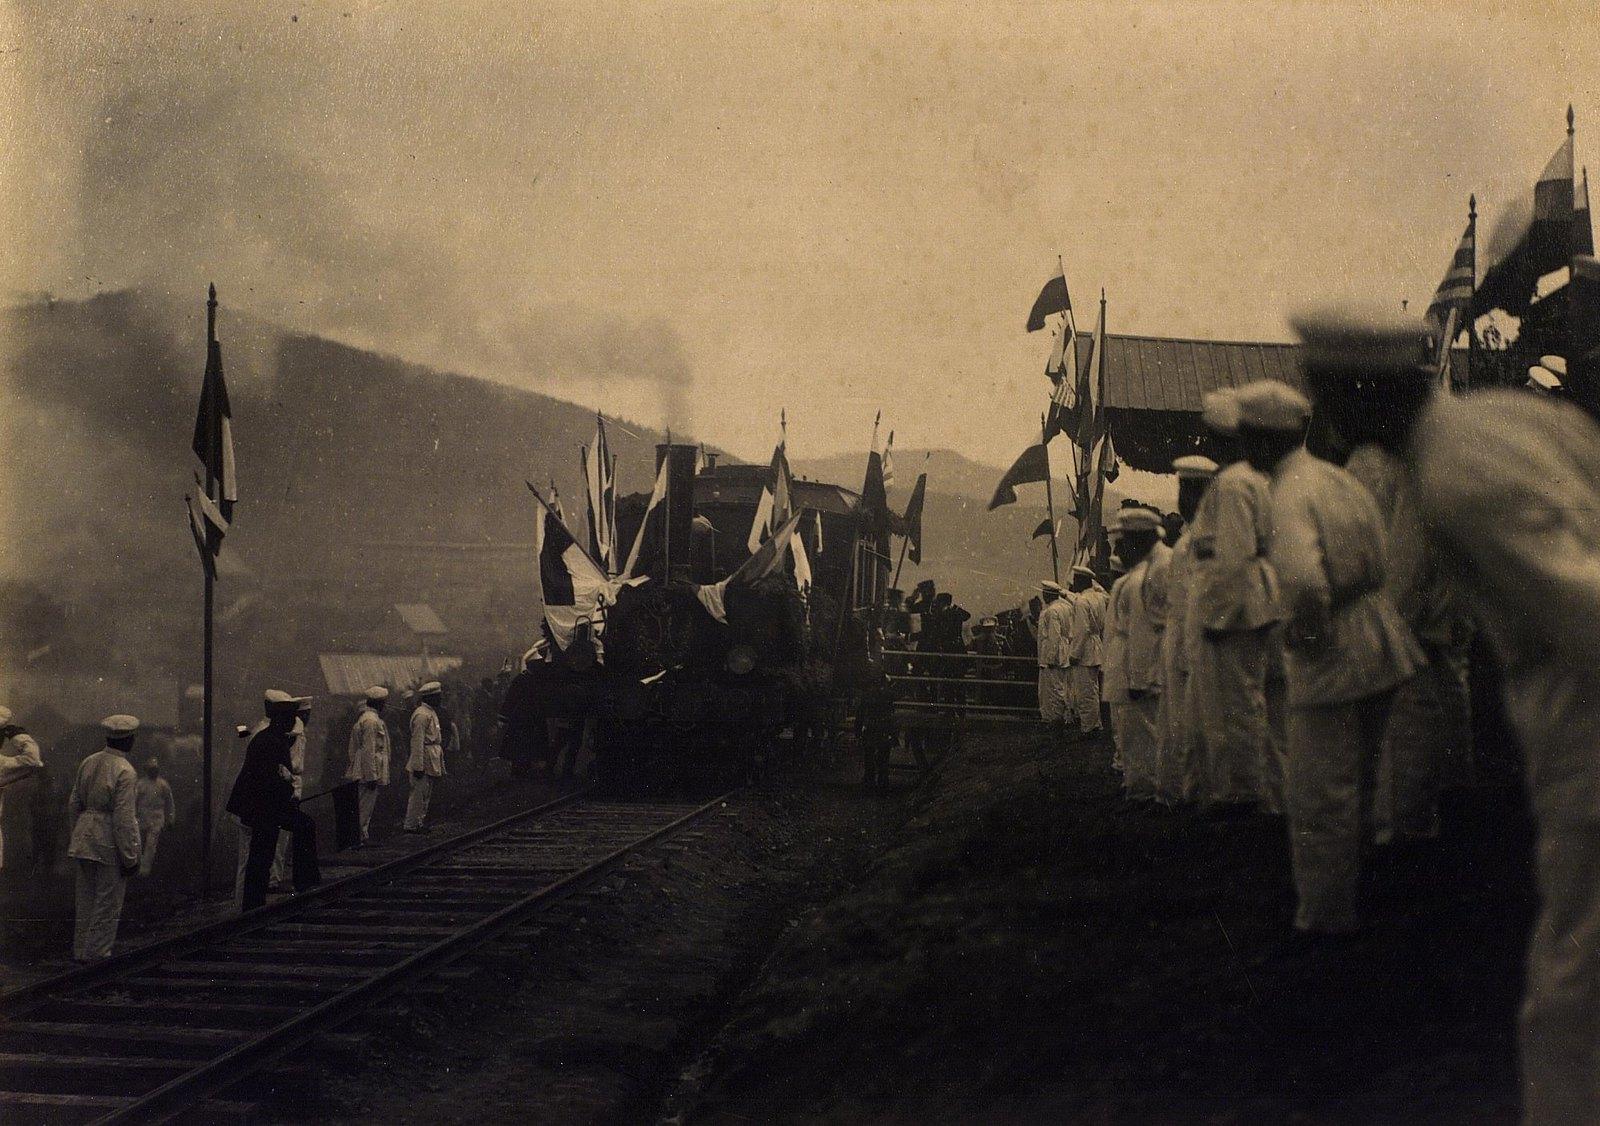 16. 1891. Владивосток. Первый вагон Великой Сибирской ж. д. в котором ехал цесаревич